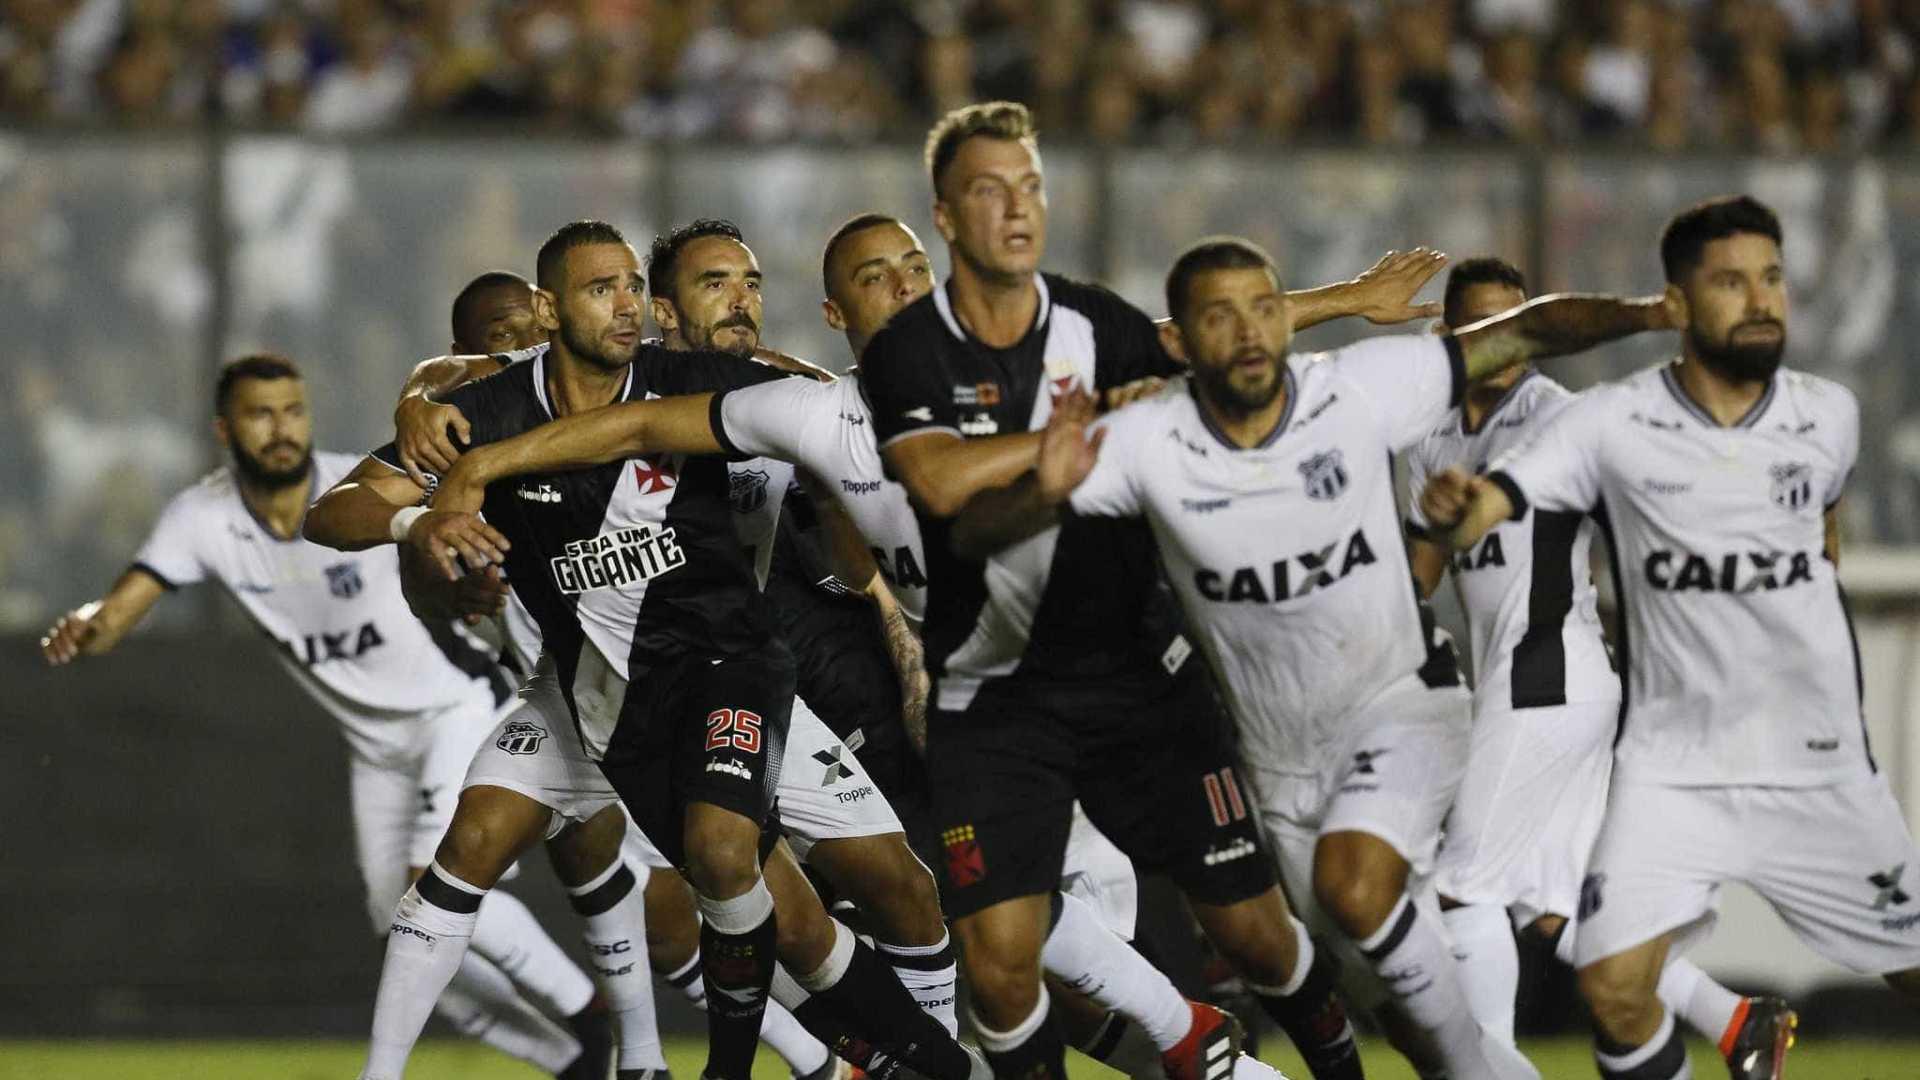 Vasco sai vaiado após tropeço em São Januário